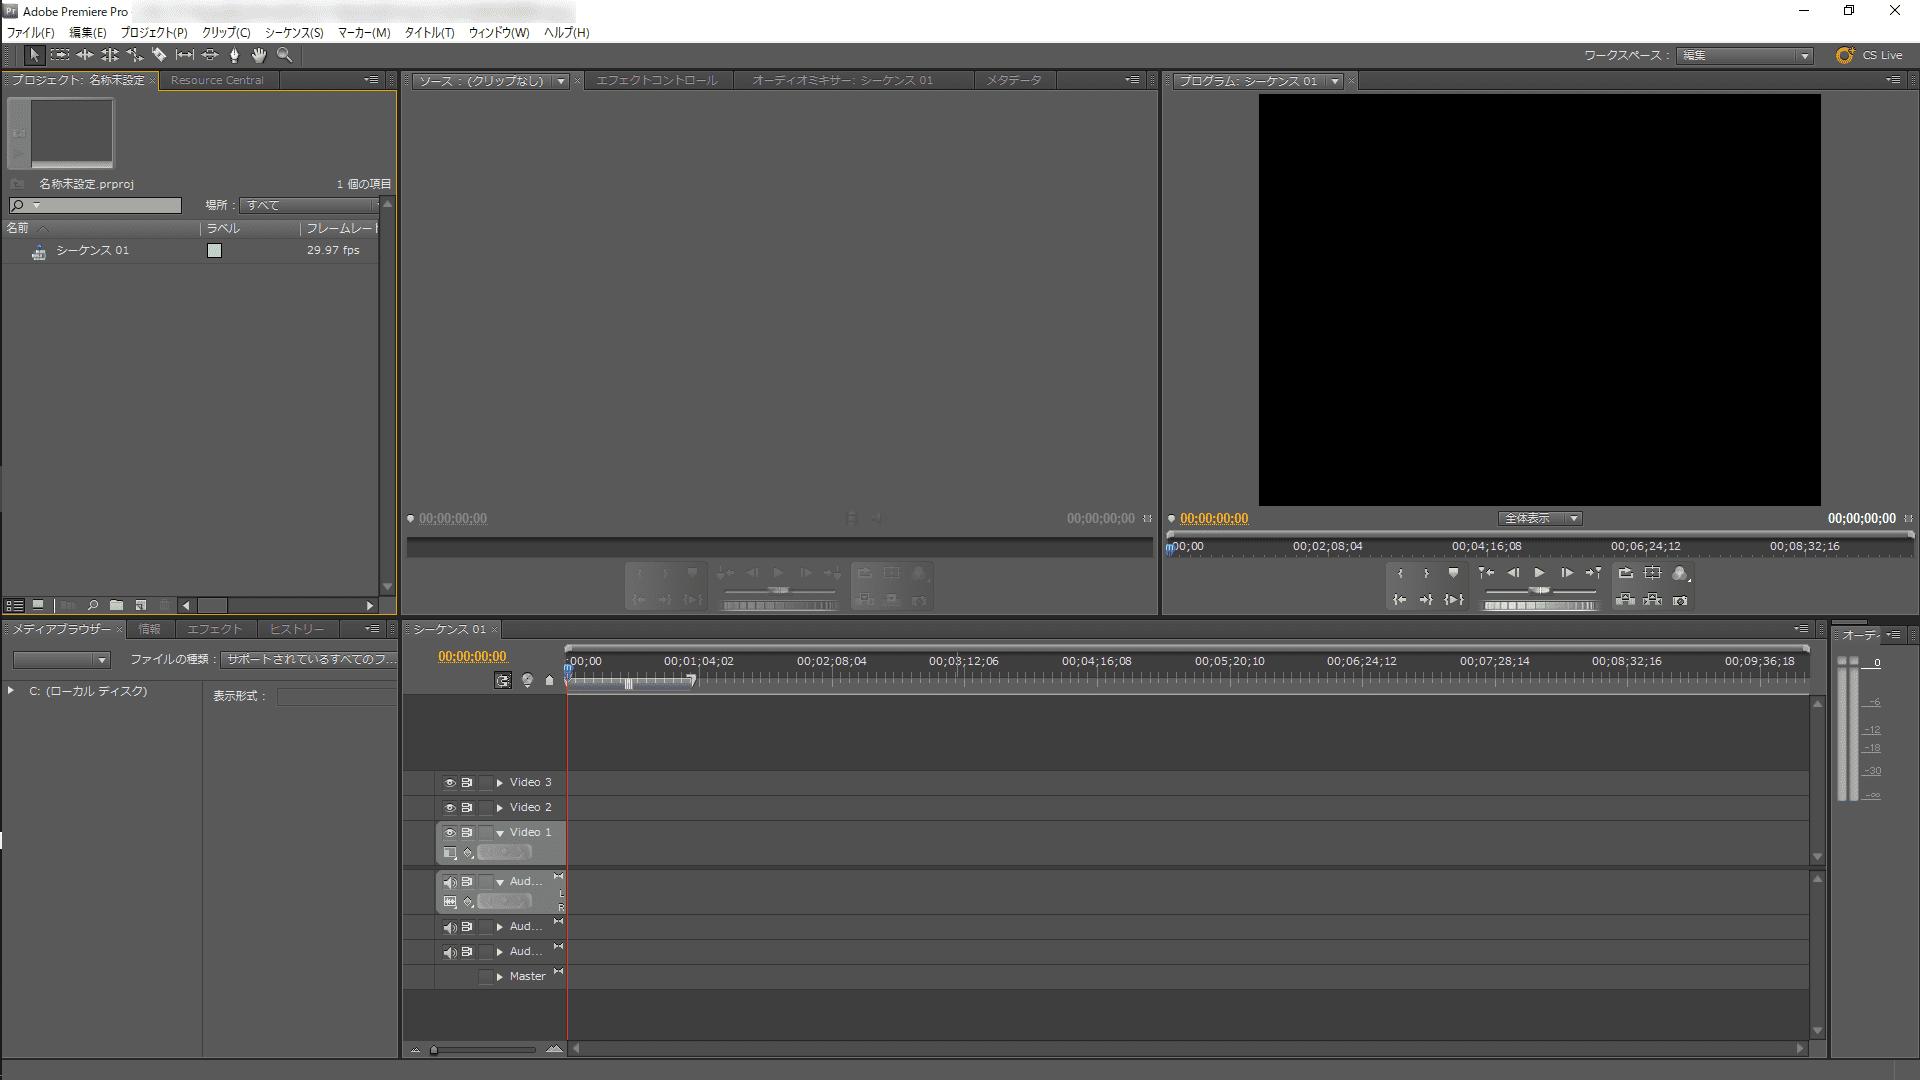 【初心者向け動画編集・トリミングのやり方】無料ソフトで動画の切り取り可能!トリミング方法を解説|Windows&Mac対応の無料版「VideoProc」がおすすめ|プロ向け動画編集ソフトの代表格Adobe「Premiere Pro」などの編集画面は見ただけでゾッとします。